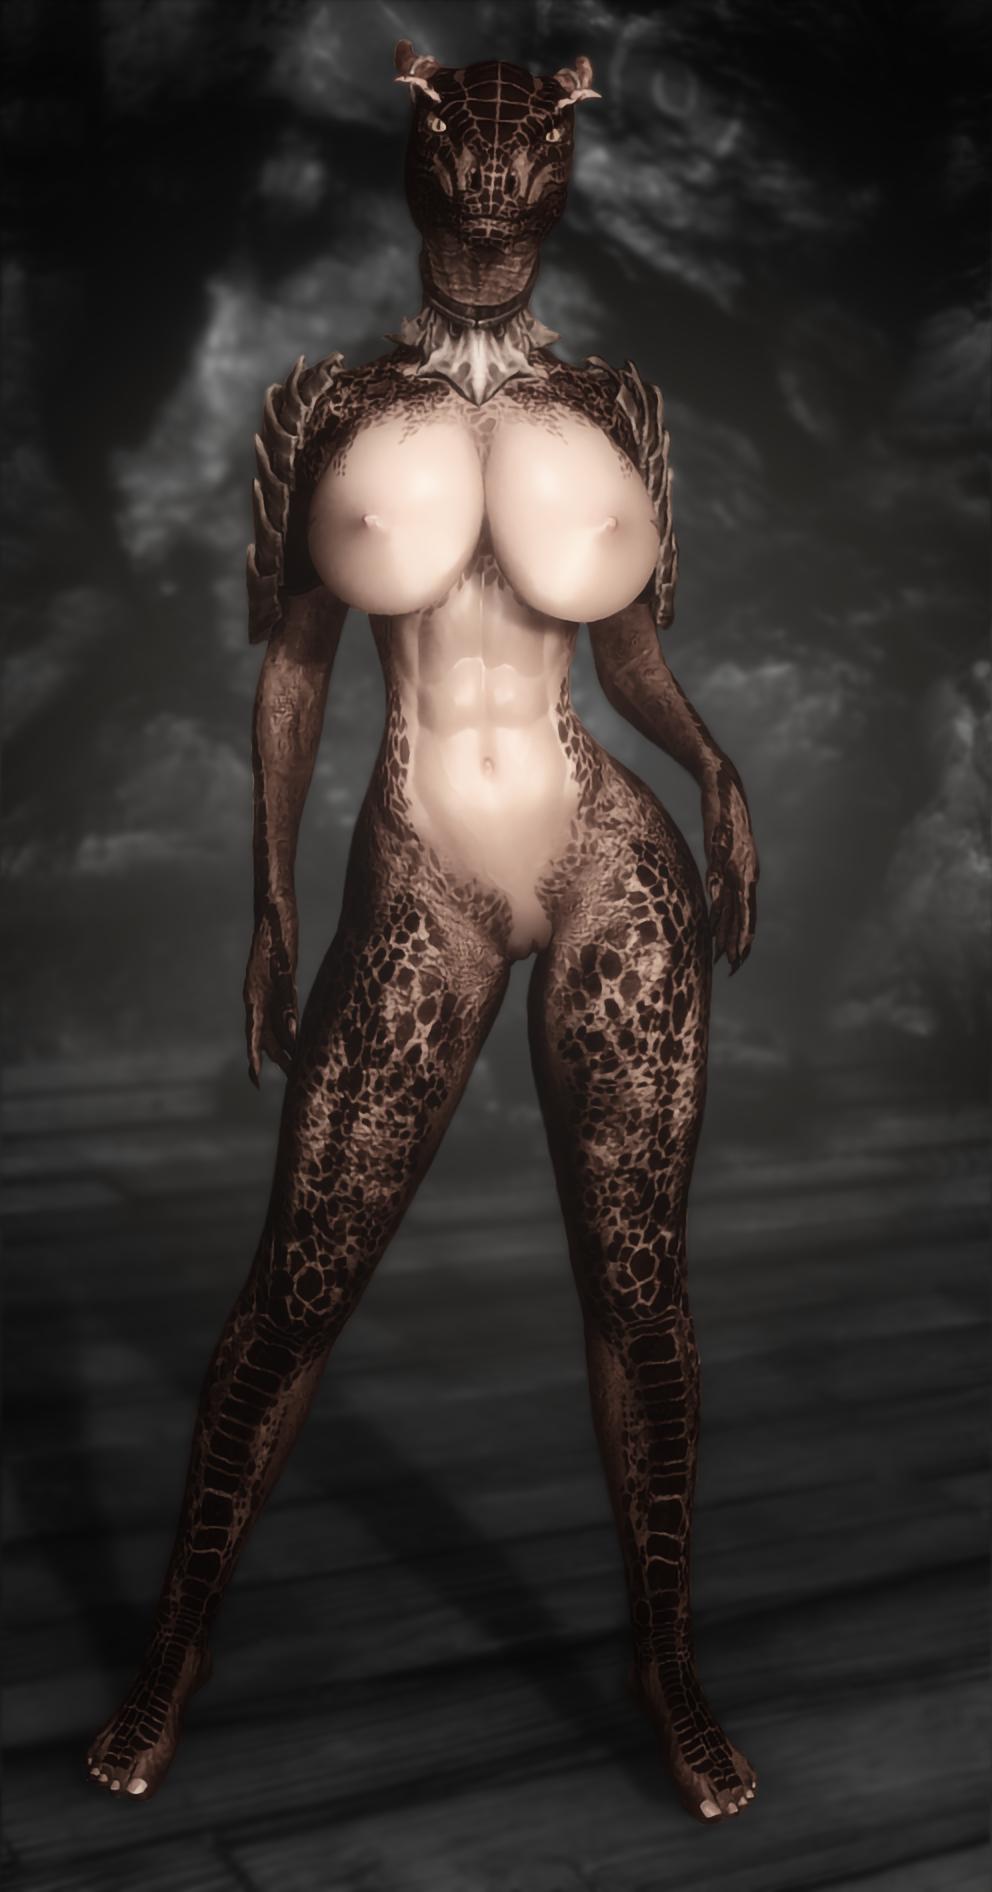 Elder scrolls oblivion nude argonian female